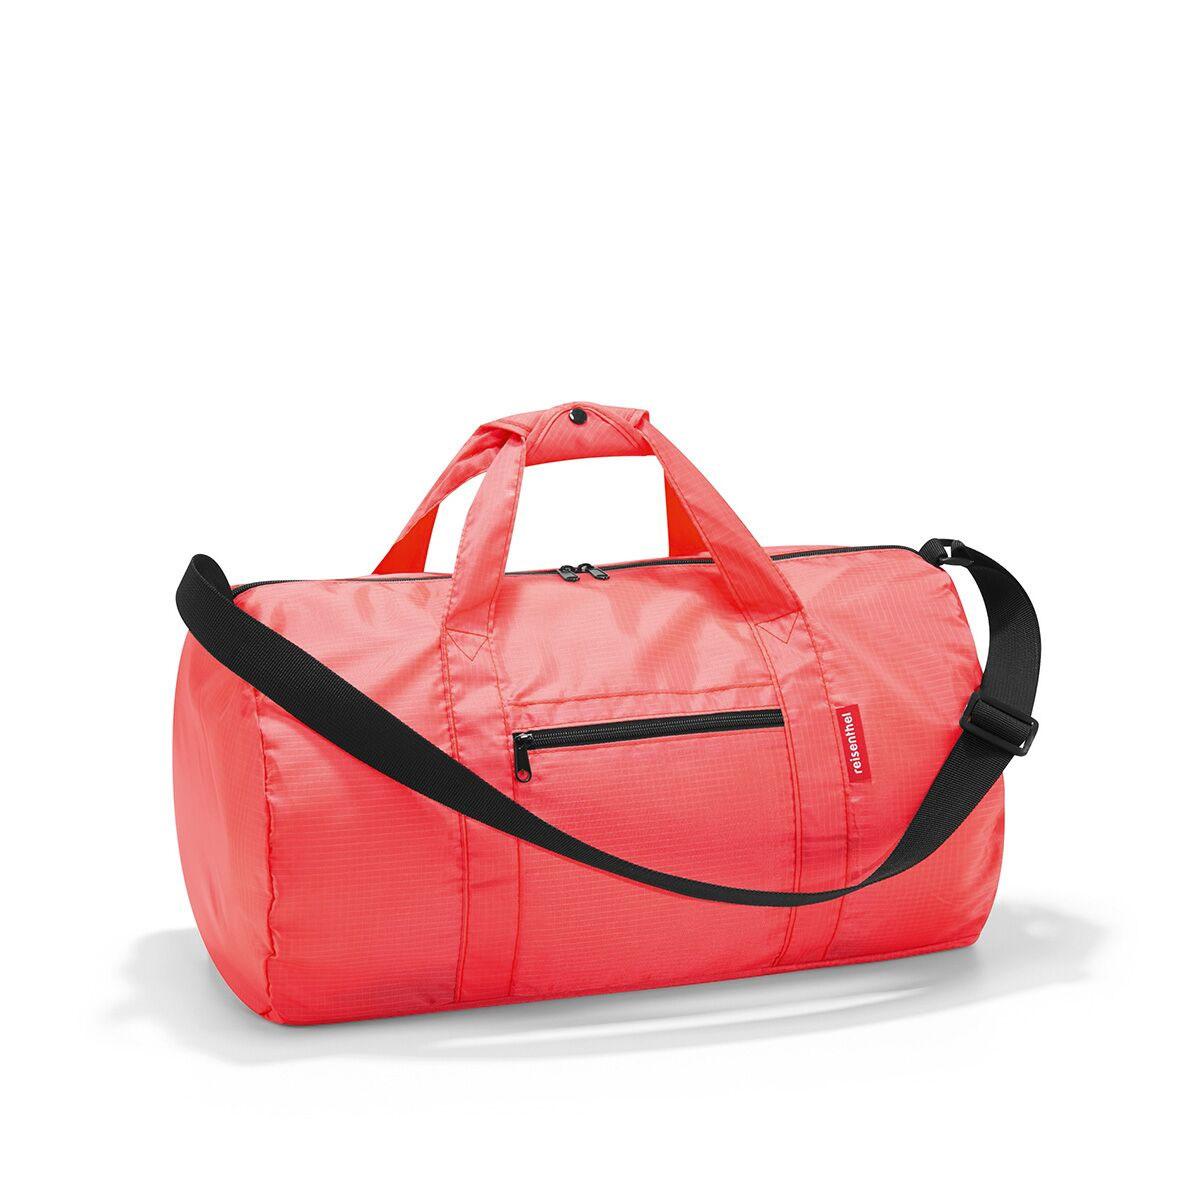 Сумка спортивная жен. Reisenthel, цвет: коралловый. AM3051AM3051Универсальная сумка-трансформер серии Mini Maxi, предназначенная для путешествий и спорта. - для хранения компактно складывается в собственный внутренний карман; - вместительное основное отделение на молнии; - экономит место при хранении и перевозке в сложенном состоянии; - регулируемый наплечный ремень; - ручки для переноски, регулируемые при помощи специальных застежек; - два внешних кармана на молнии; - материал: высококачественный водостойкий полиэстер; - объем – 20 литров.